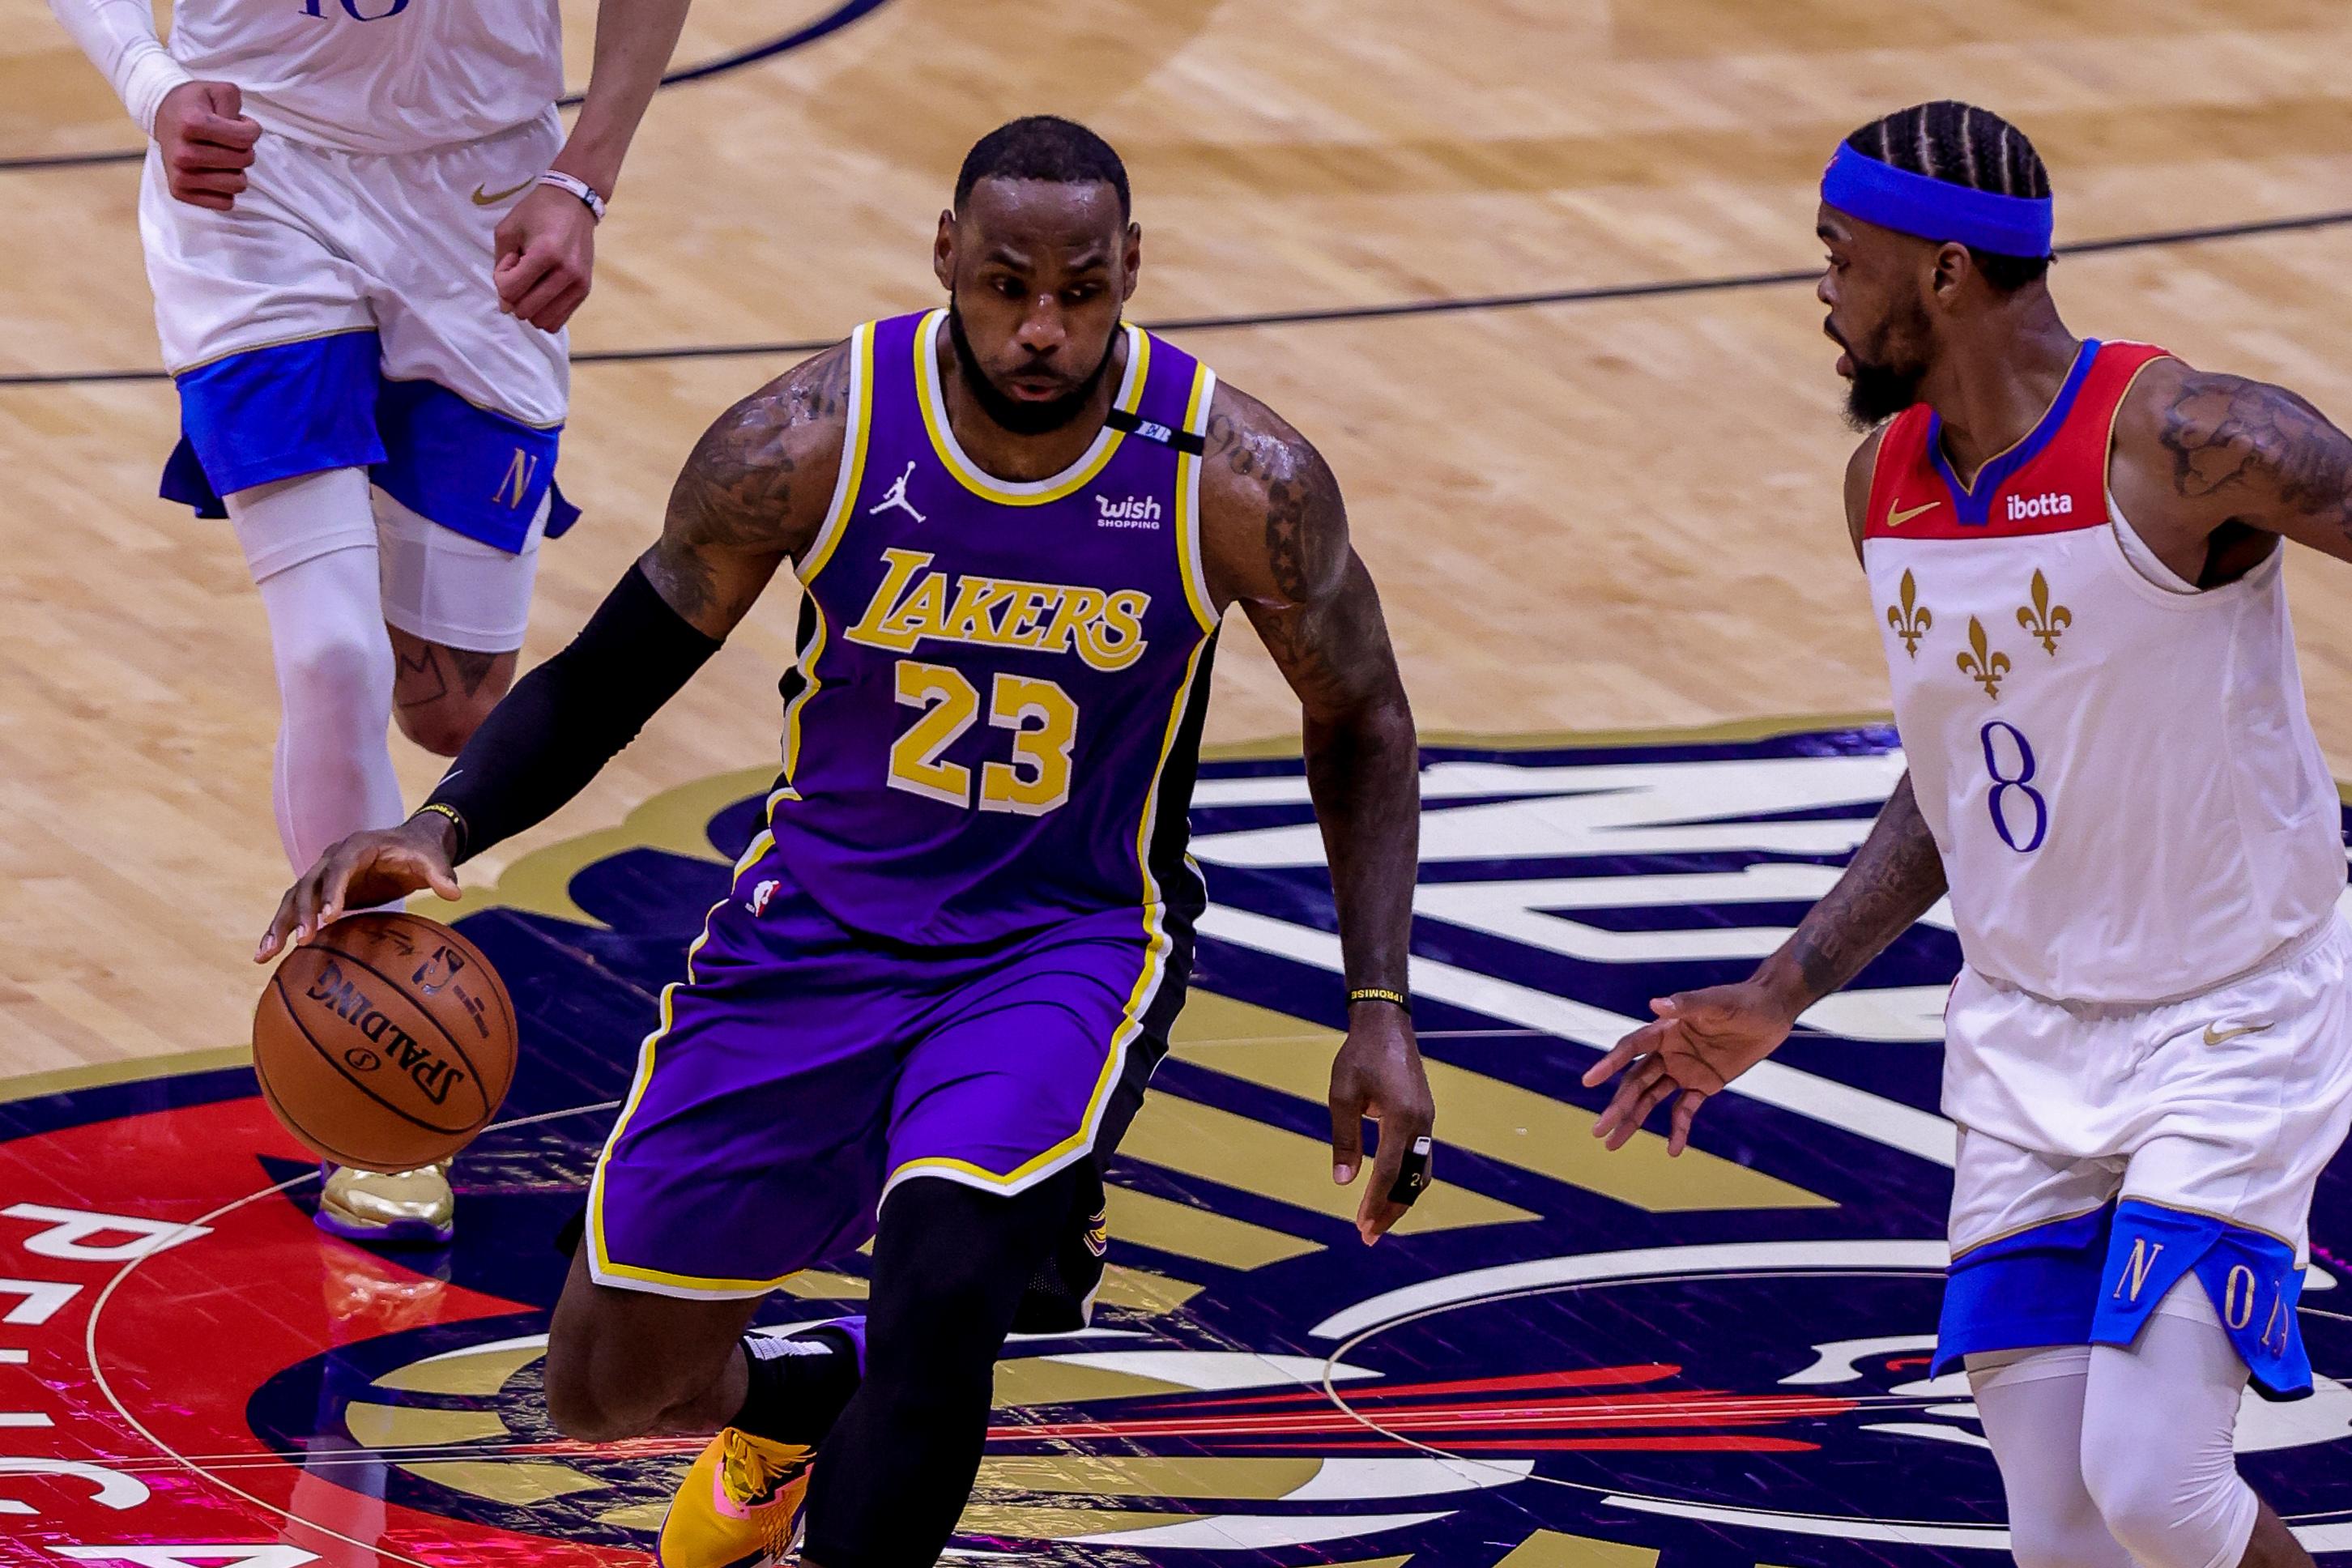 NBA:洛杉矶湖人队对阵新奥尔良鹈鹕队